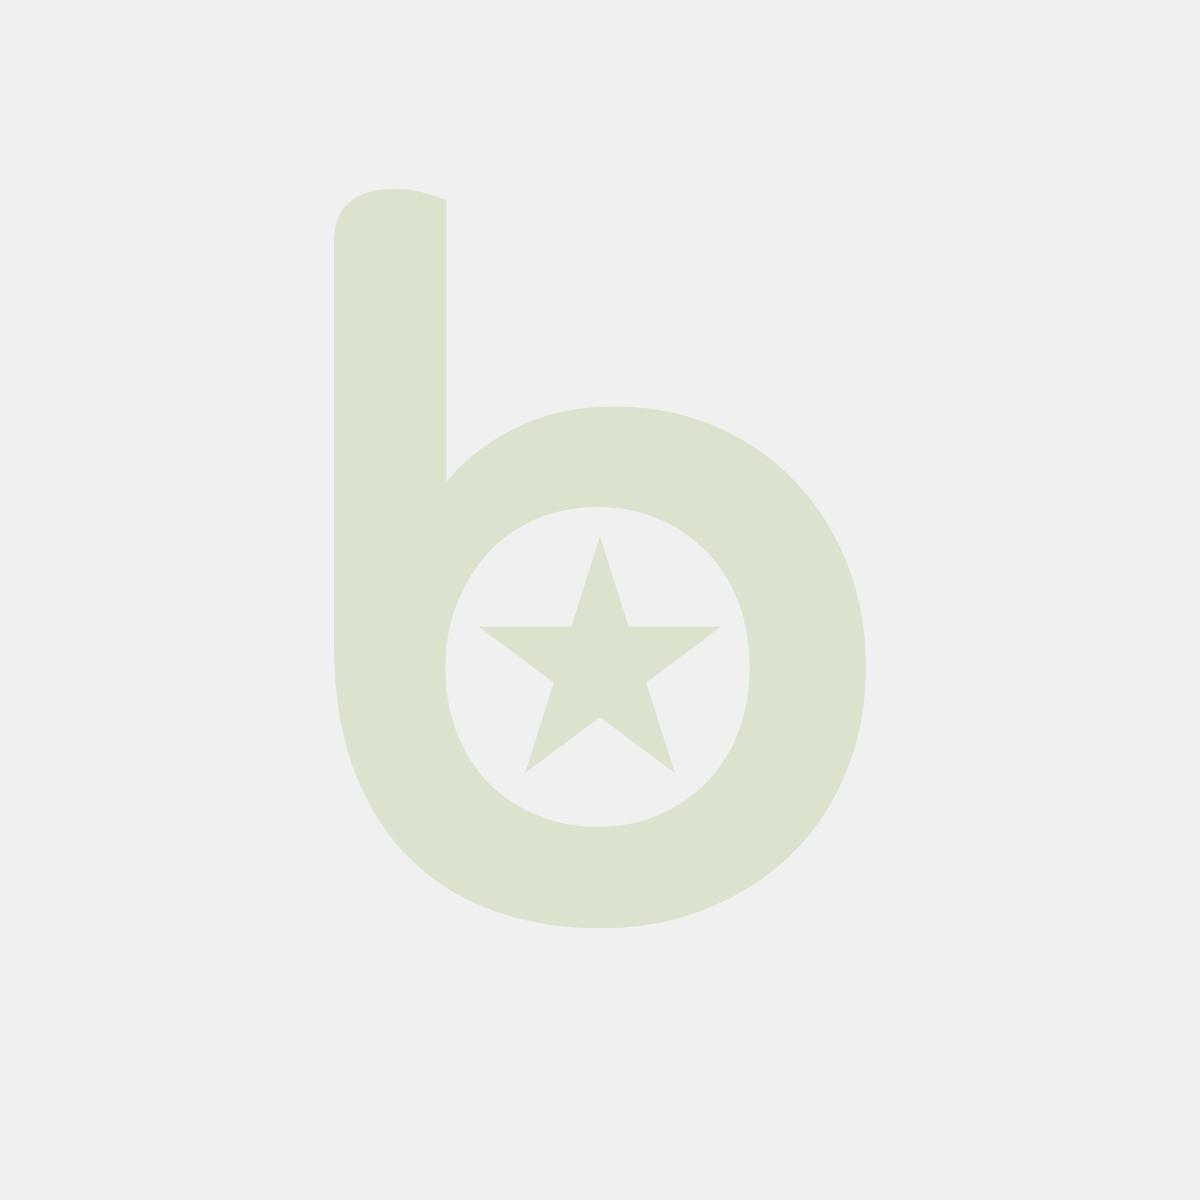 Pojemnik obiadowy, cateringowy do zgrzewu 227x178x50 czarny, niedzielony, gładki op. 50 sztuk